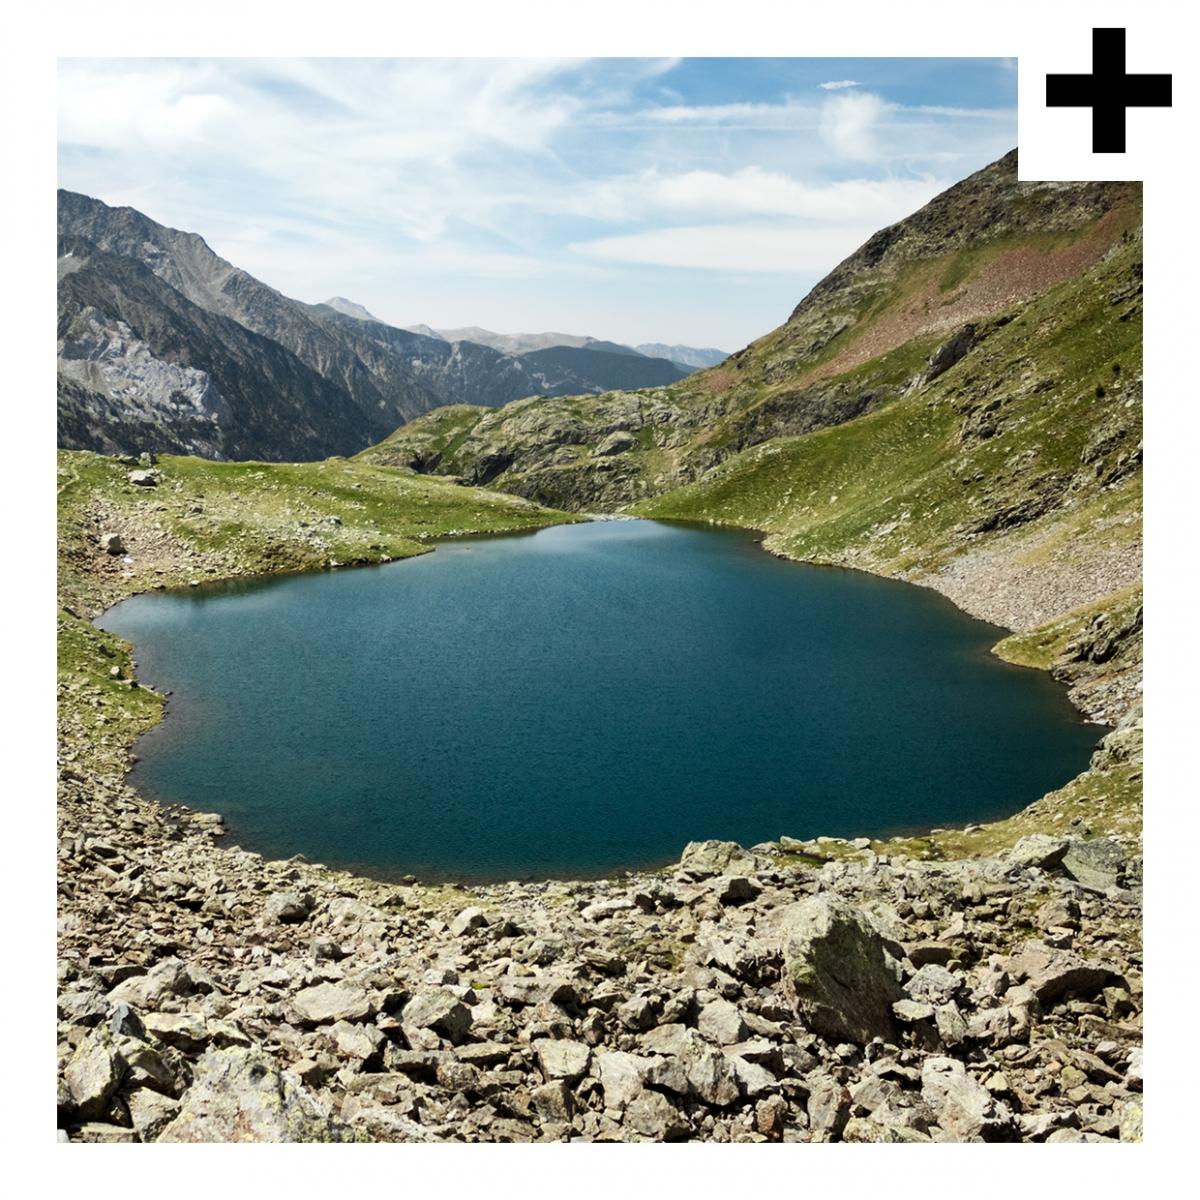 Imagen en la que se ve el plural del concepto lago